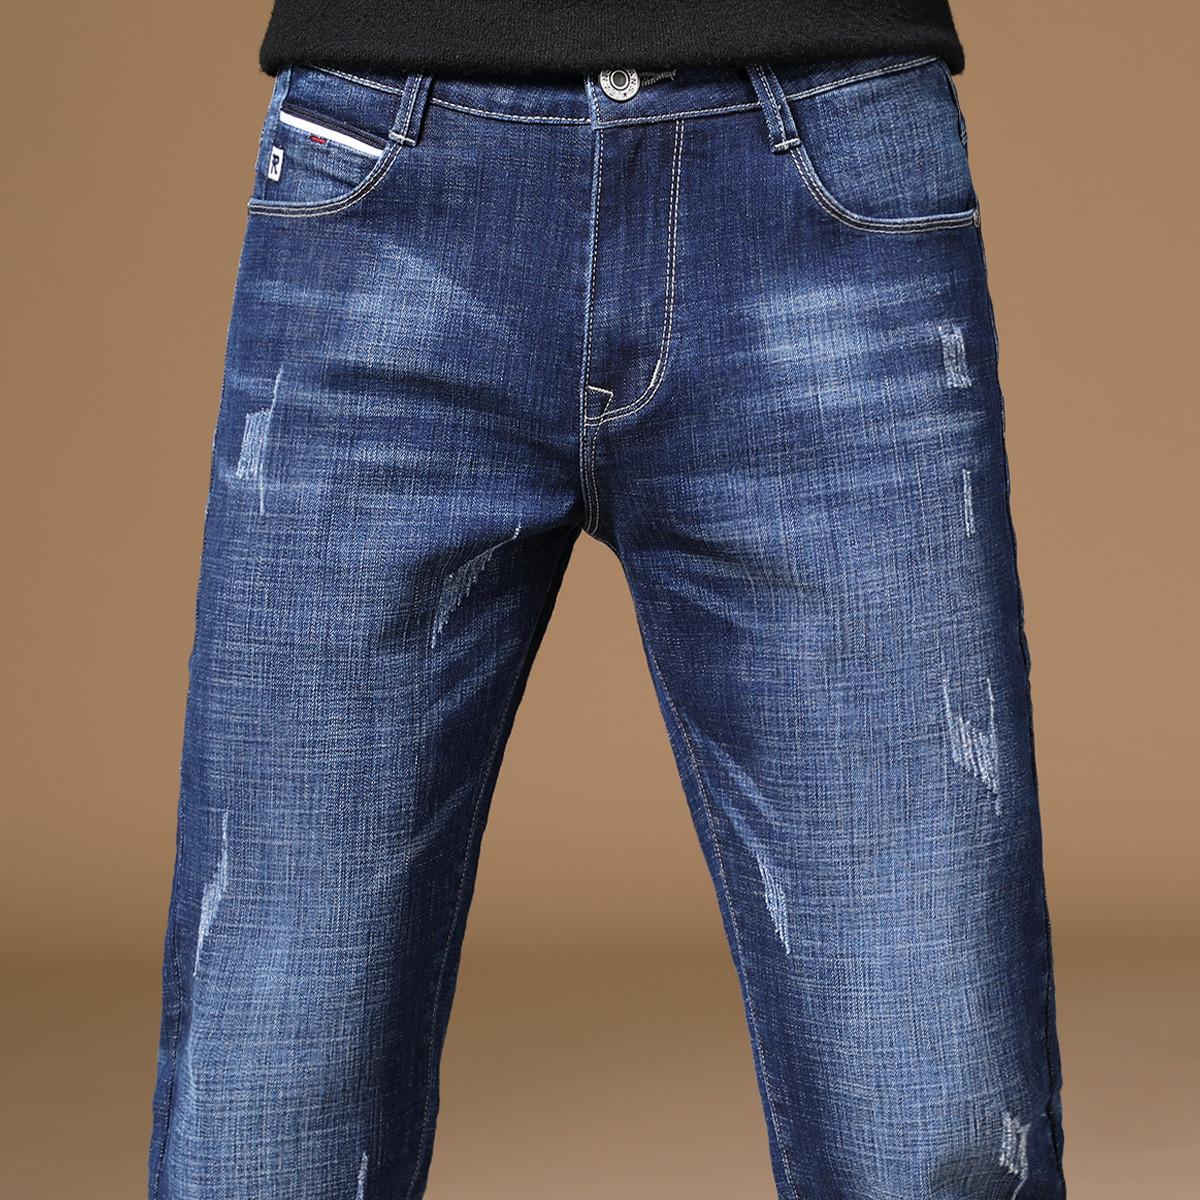 啄木鸟 (爆款,紧急补货中)夏季新品时尚水洗挺括韩版修身长裤男牛仔裤